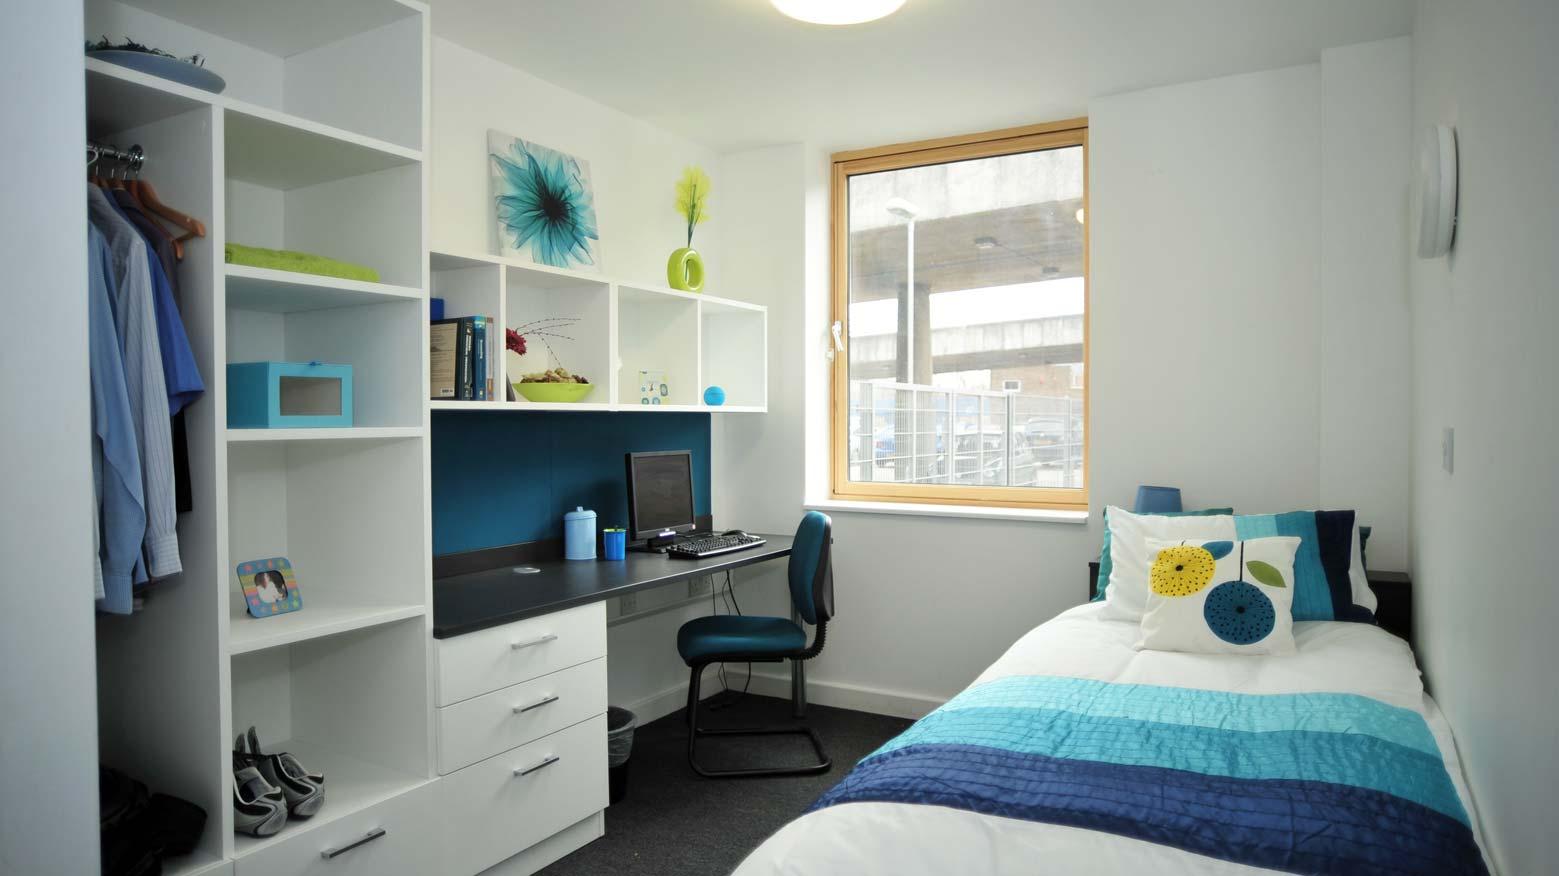 Affitti universitari torino affitti universitari torino for Appartamento in affitto per suocera